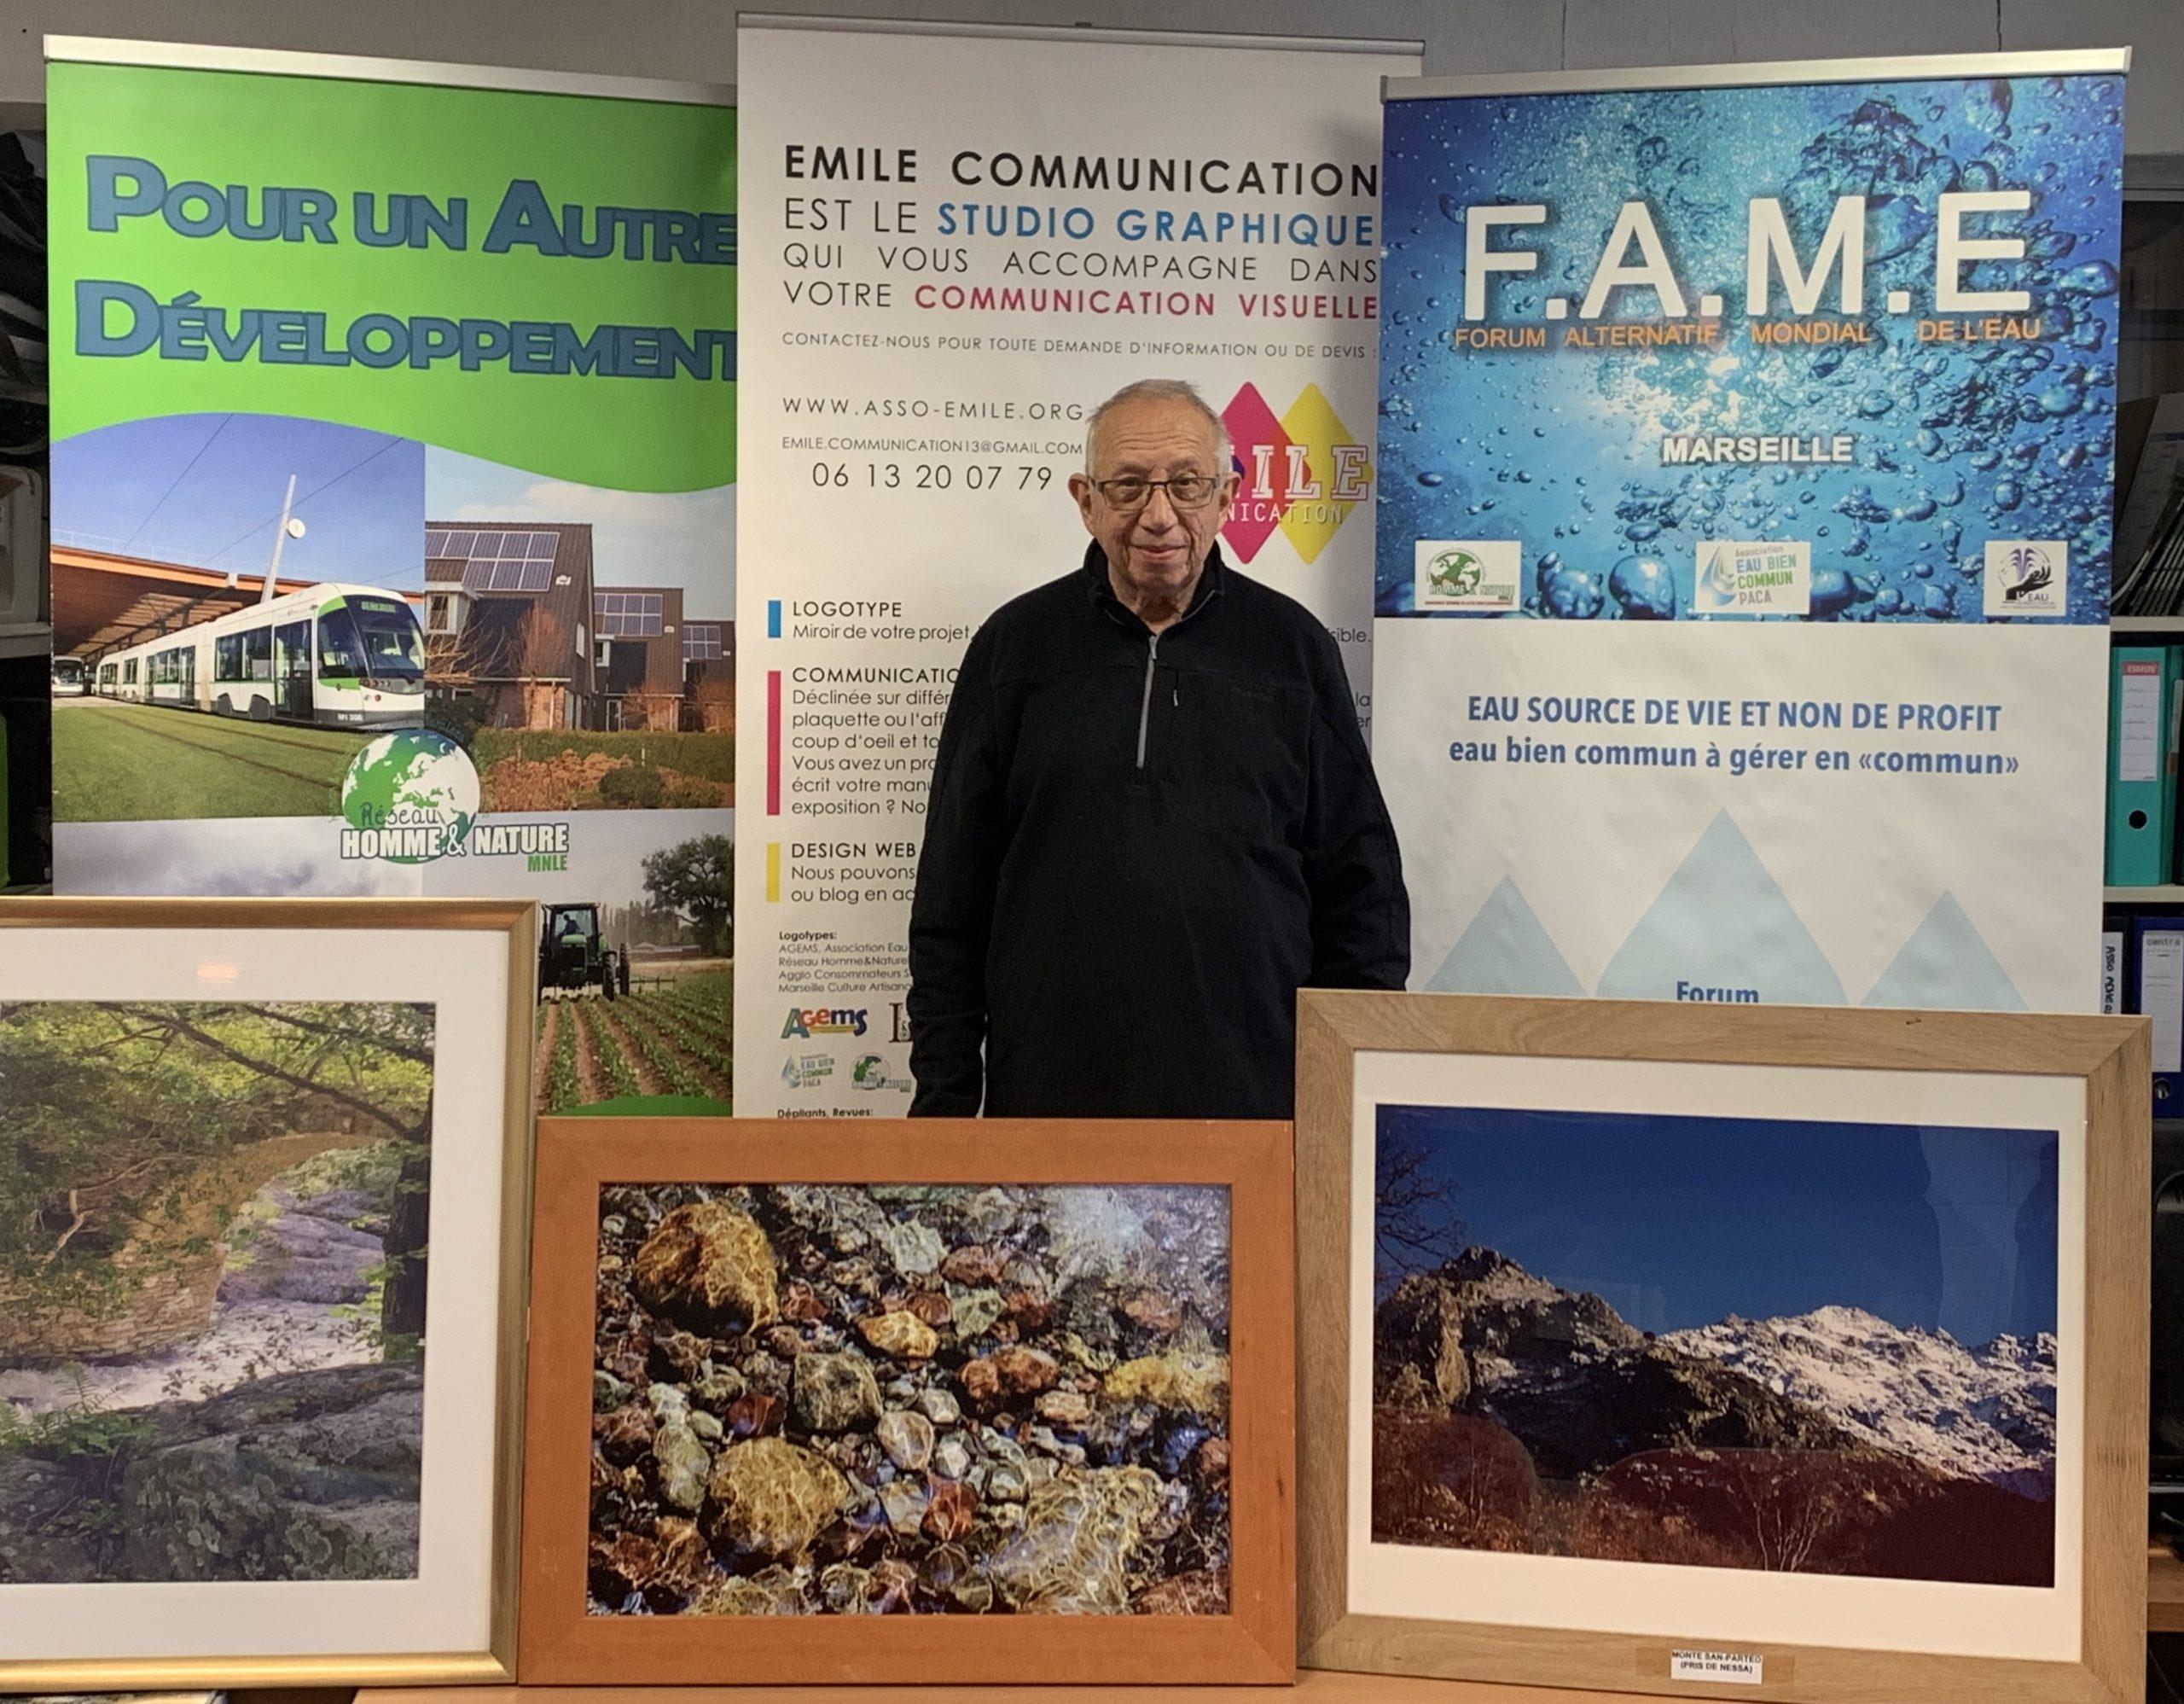 (14) FAME 2021 Marseille : La dimension culturelle de l'eau poursuit son parcours d'expositions – Vauban prochaine étape – Du 21 mai au 12 juin 2021 –